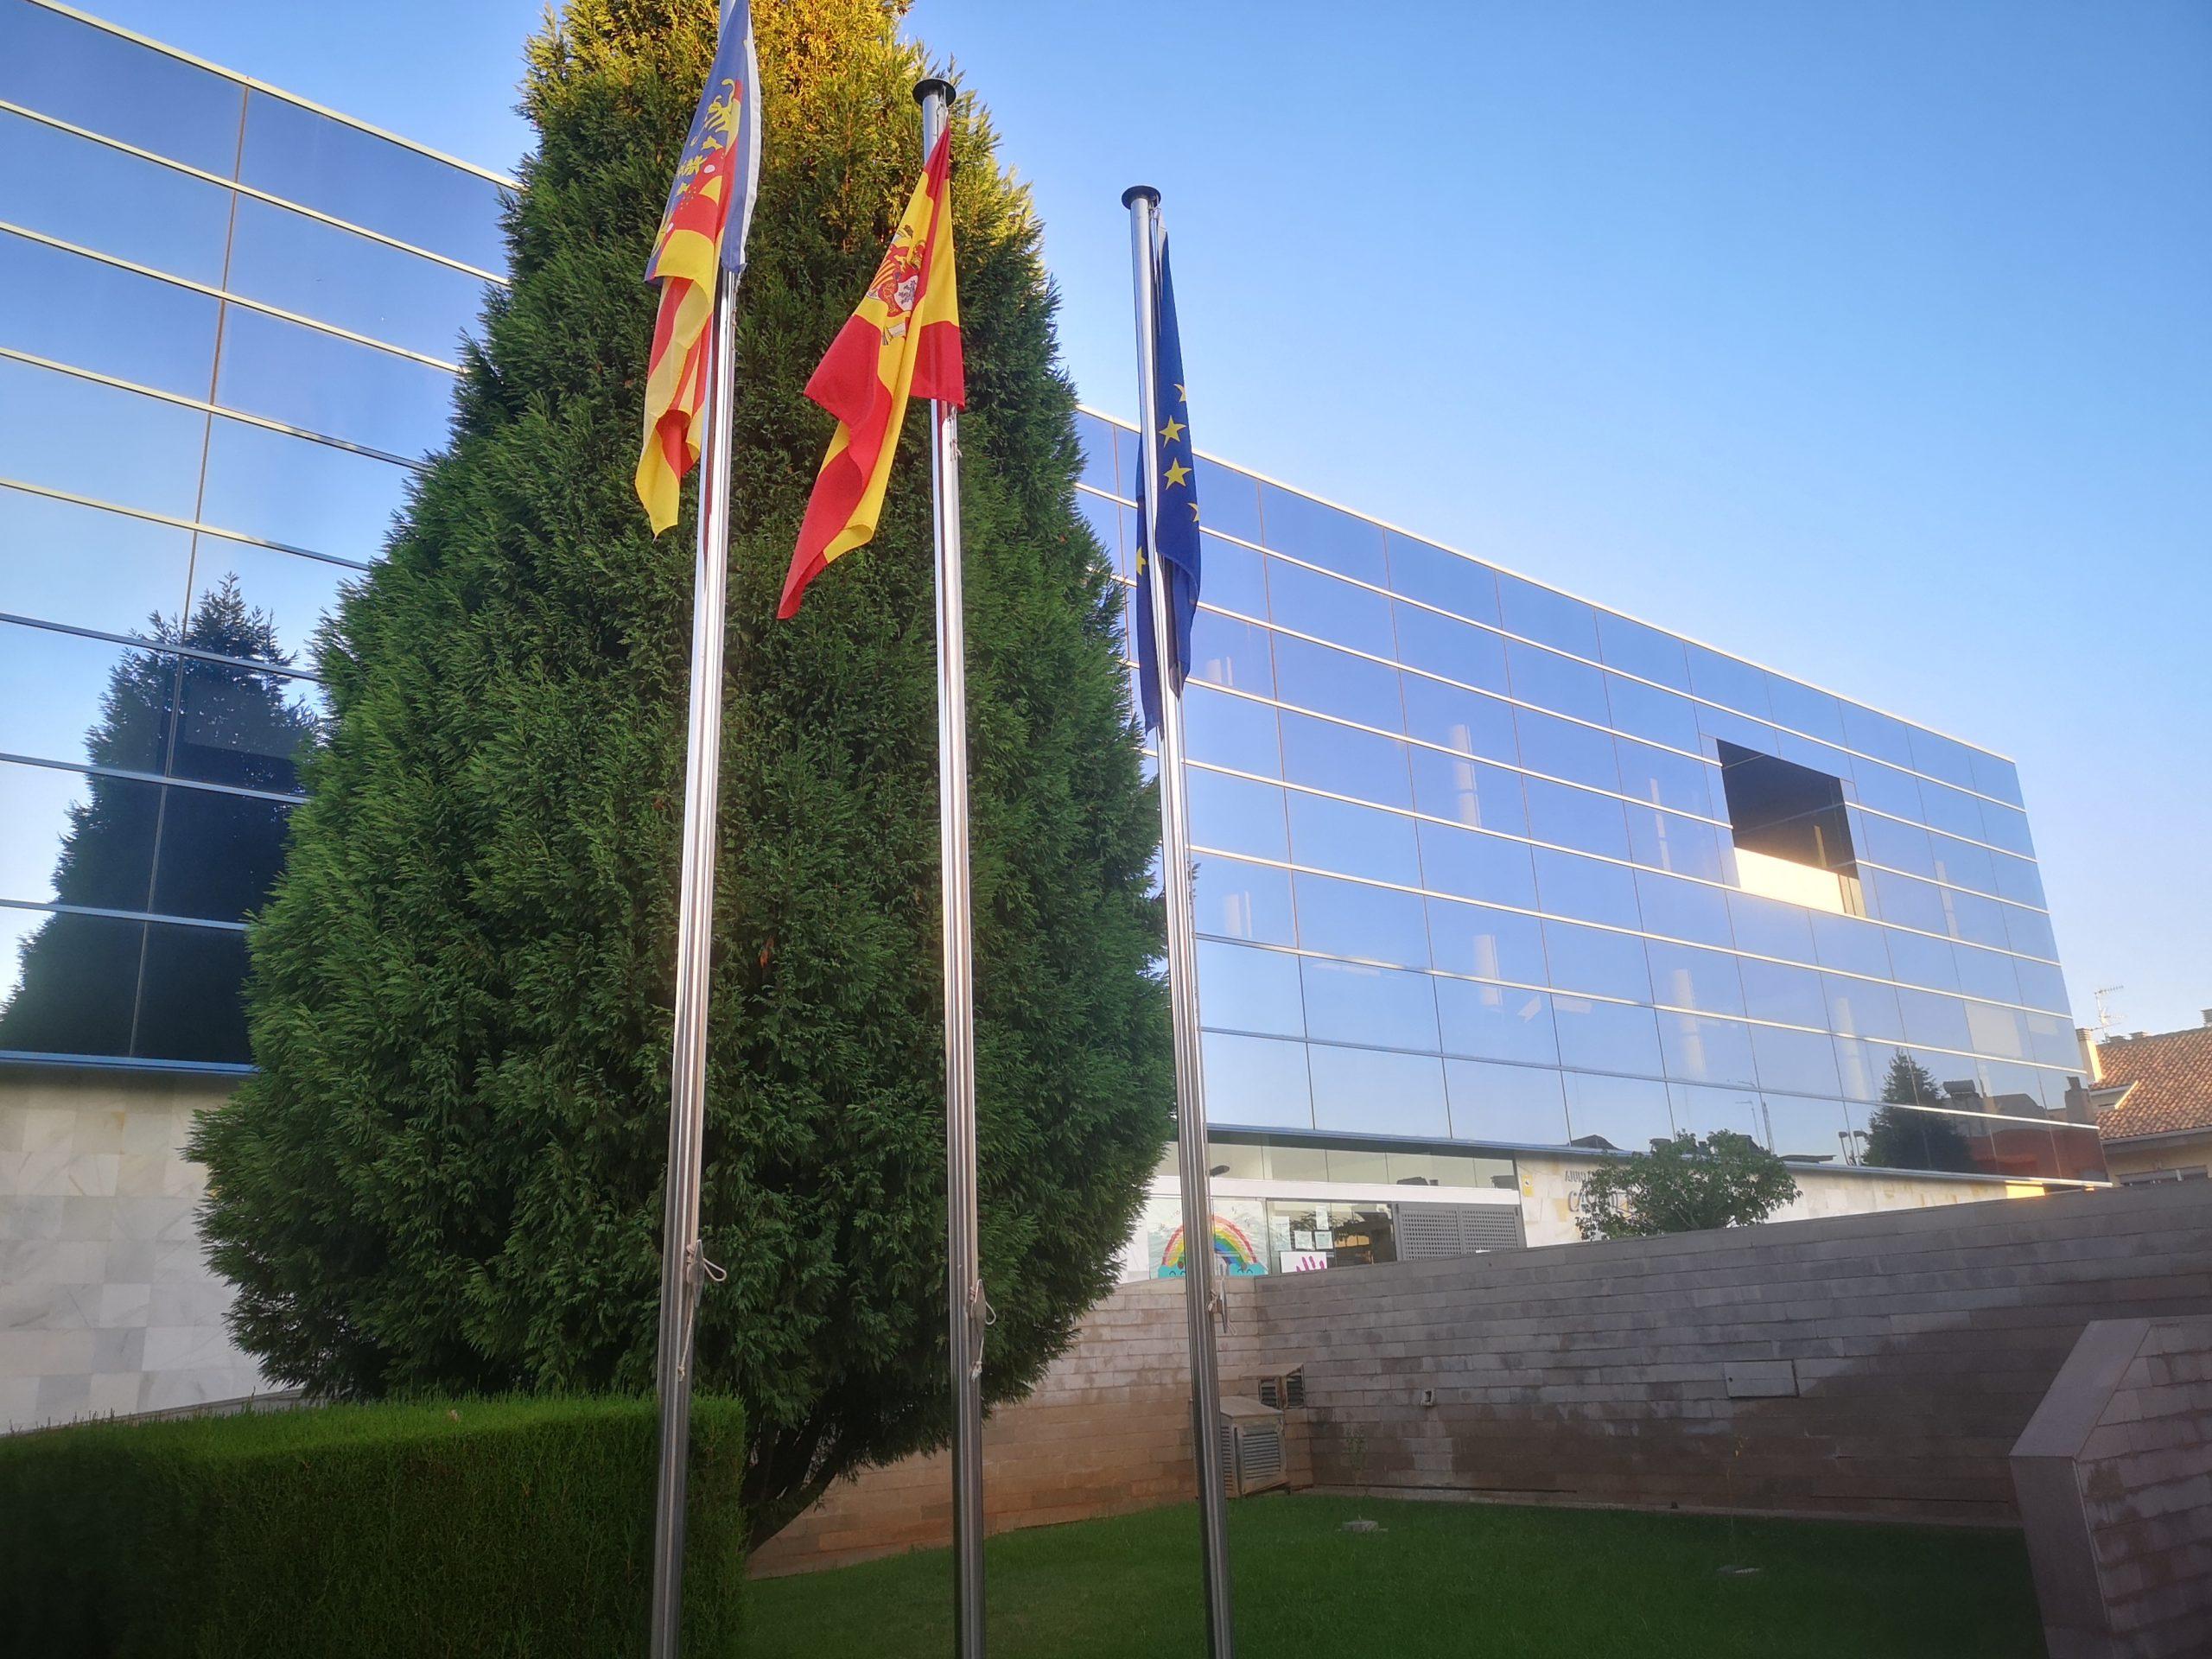 Almenara prorroga las medidas municipales contra la covid-19